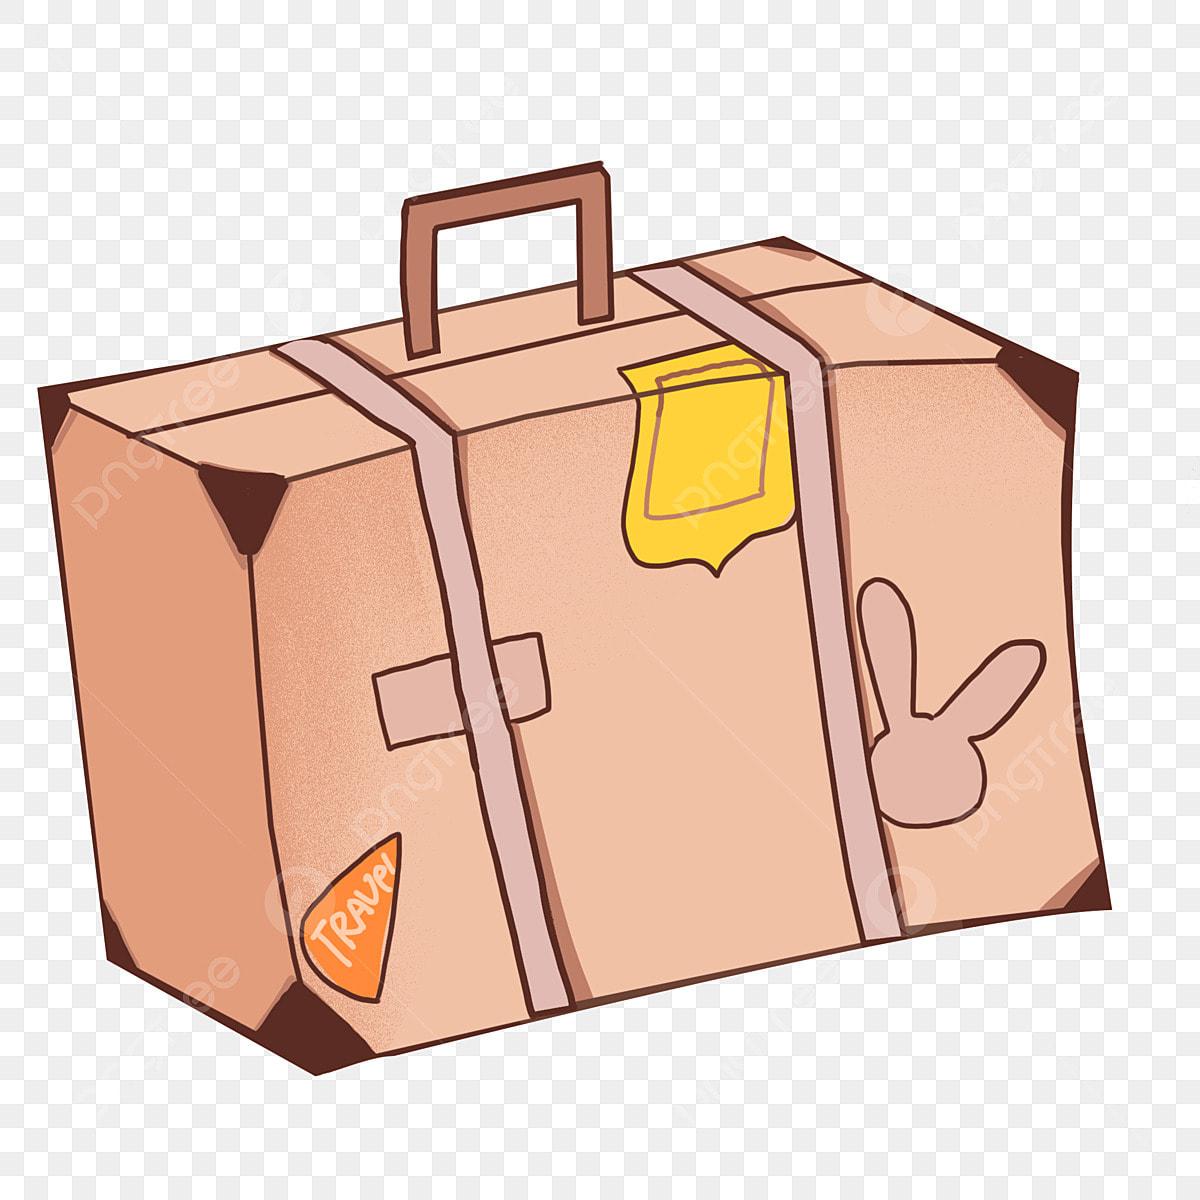 valise de la bo u00eete valise valise de voyage fichier png et